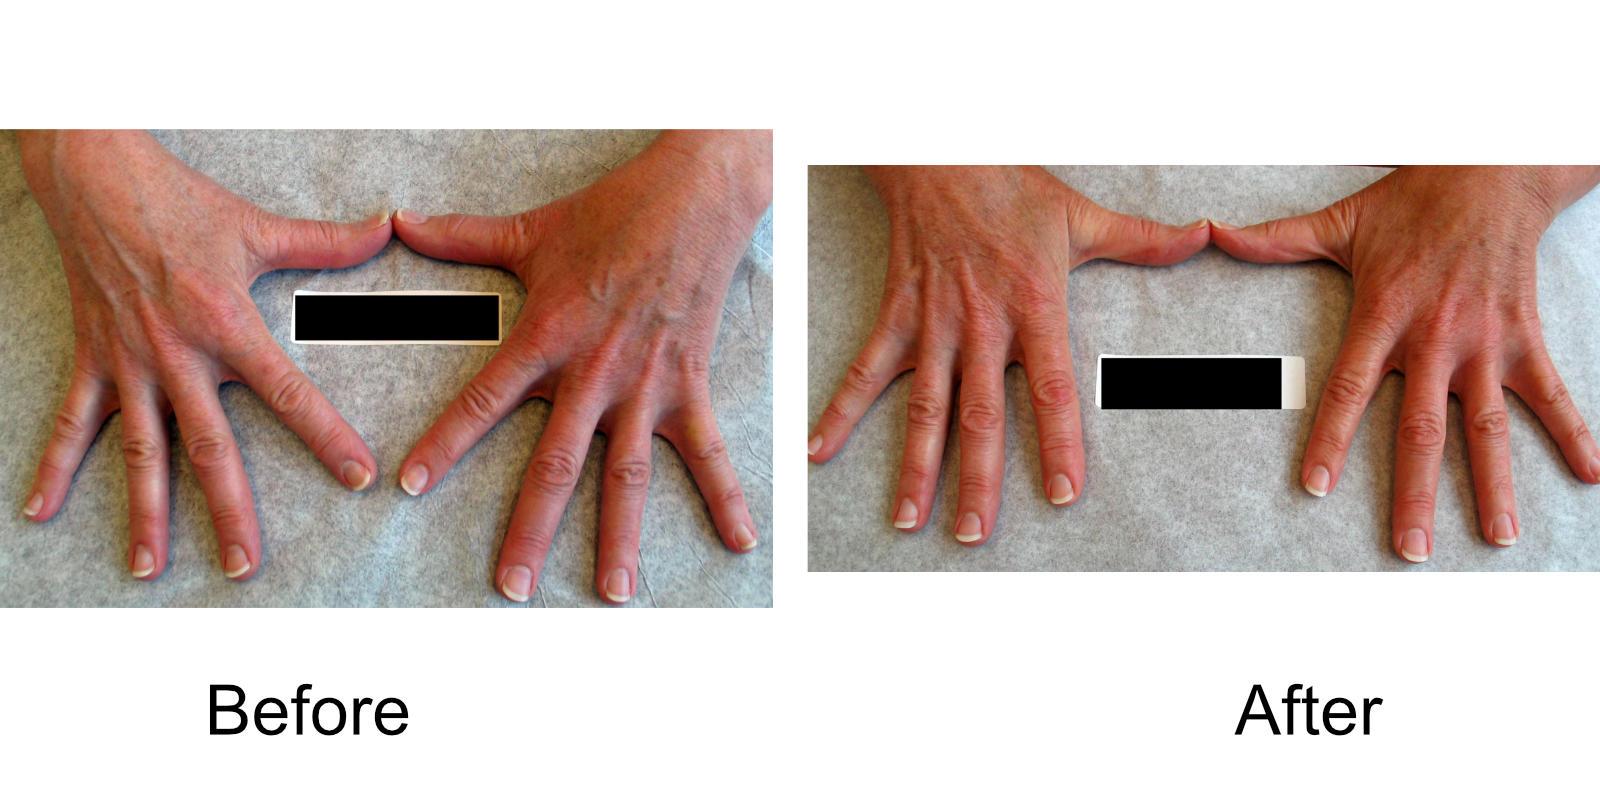 hand-veins-comparison-05